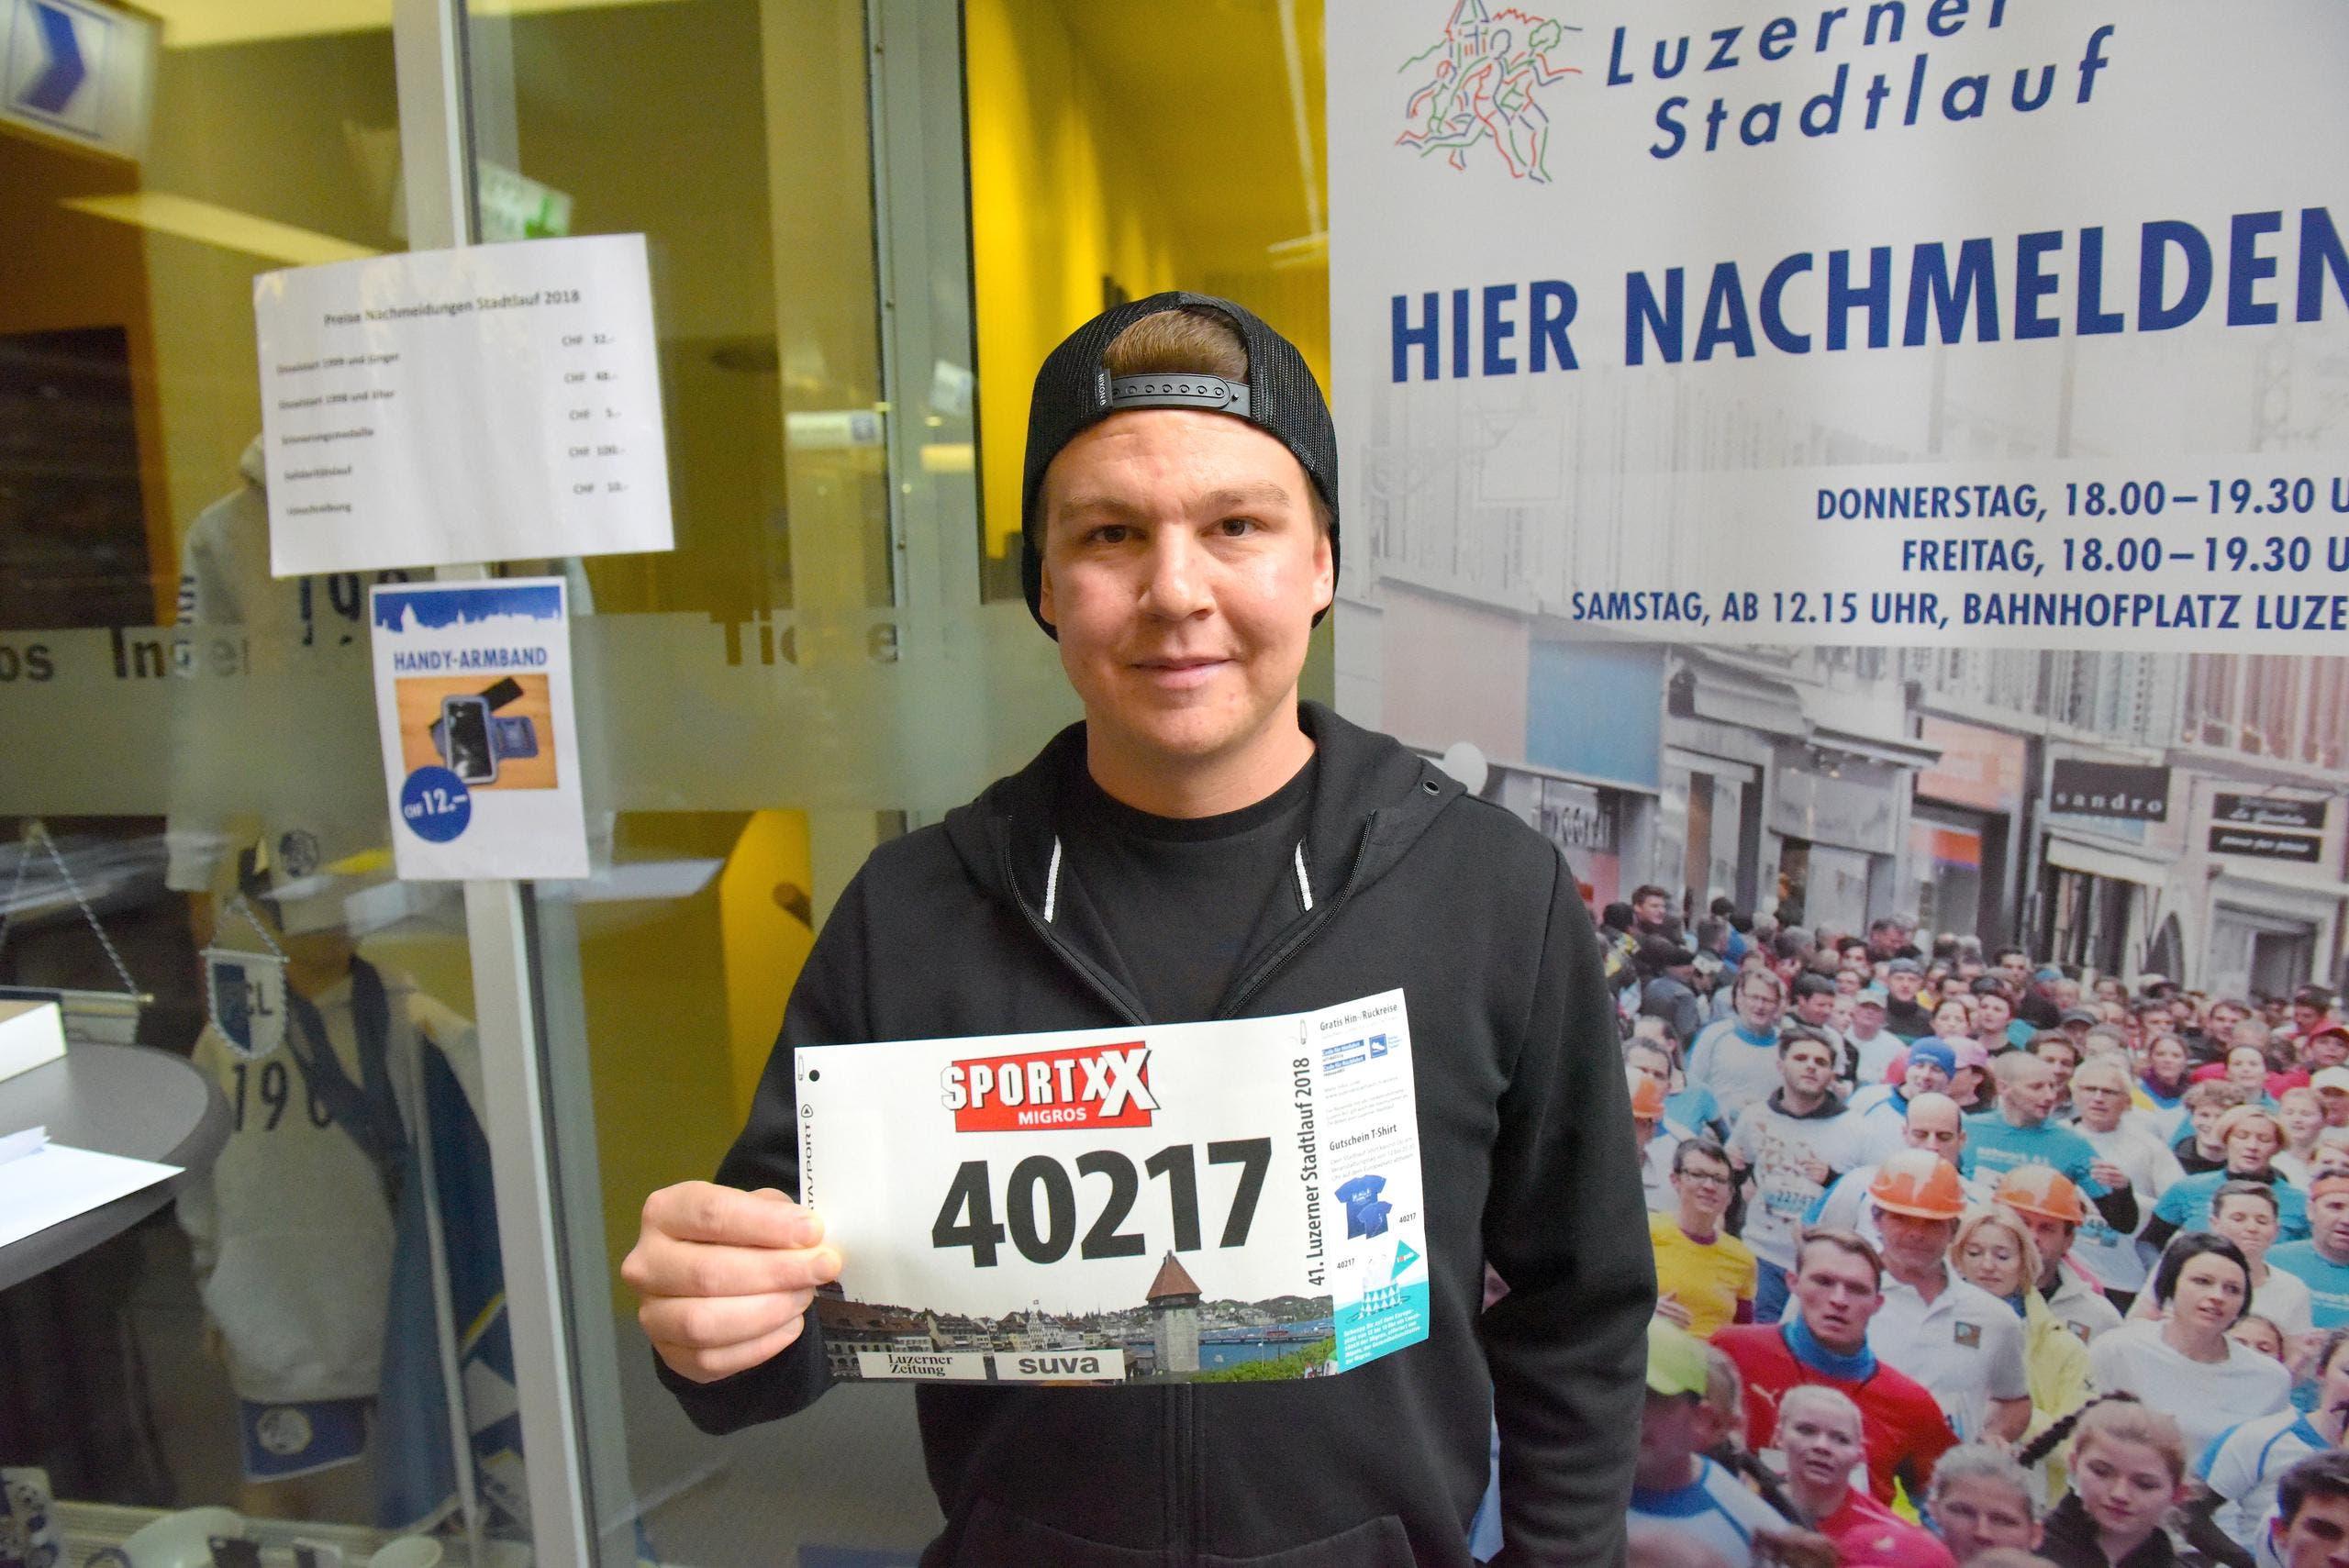 Stefan Stadelmann, Horw, Startnummer 40 217, zum 41. Stadtlauf: «Ich habe letzten Herbst am Swiss City Marathon Lucerne teilgenommen. Nun will ich den Stadtlauf ebenfalls erleben.» (Bild: LZ)